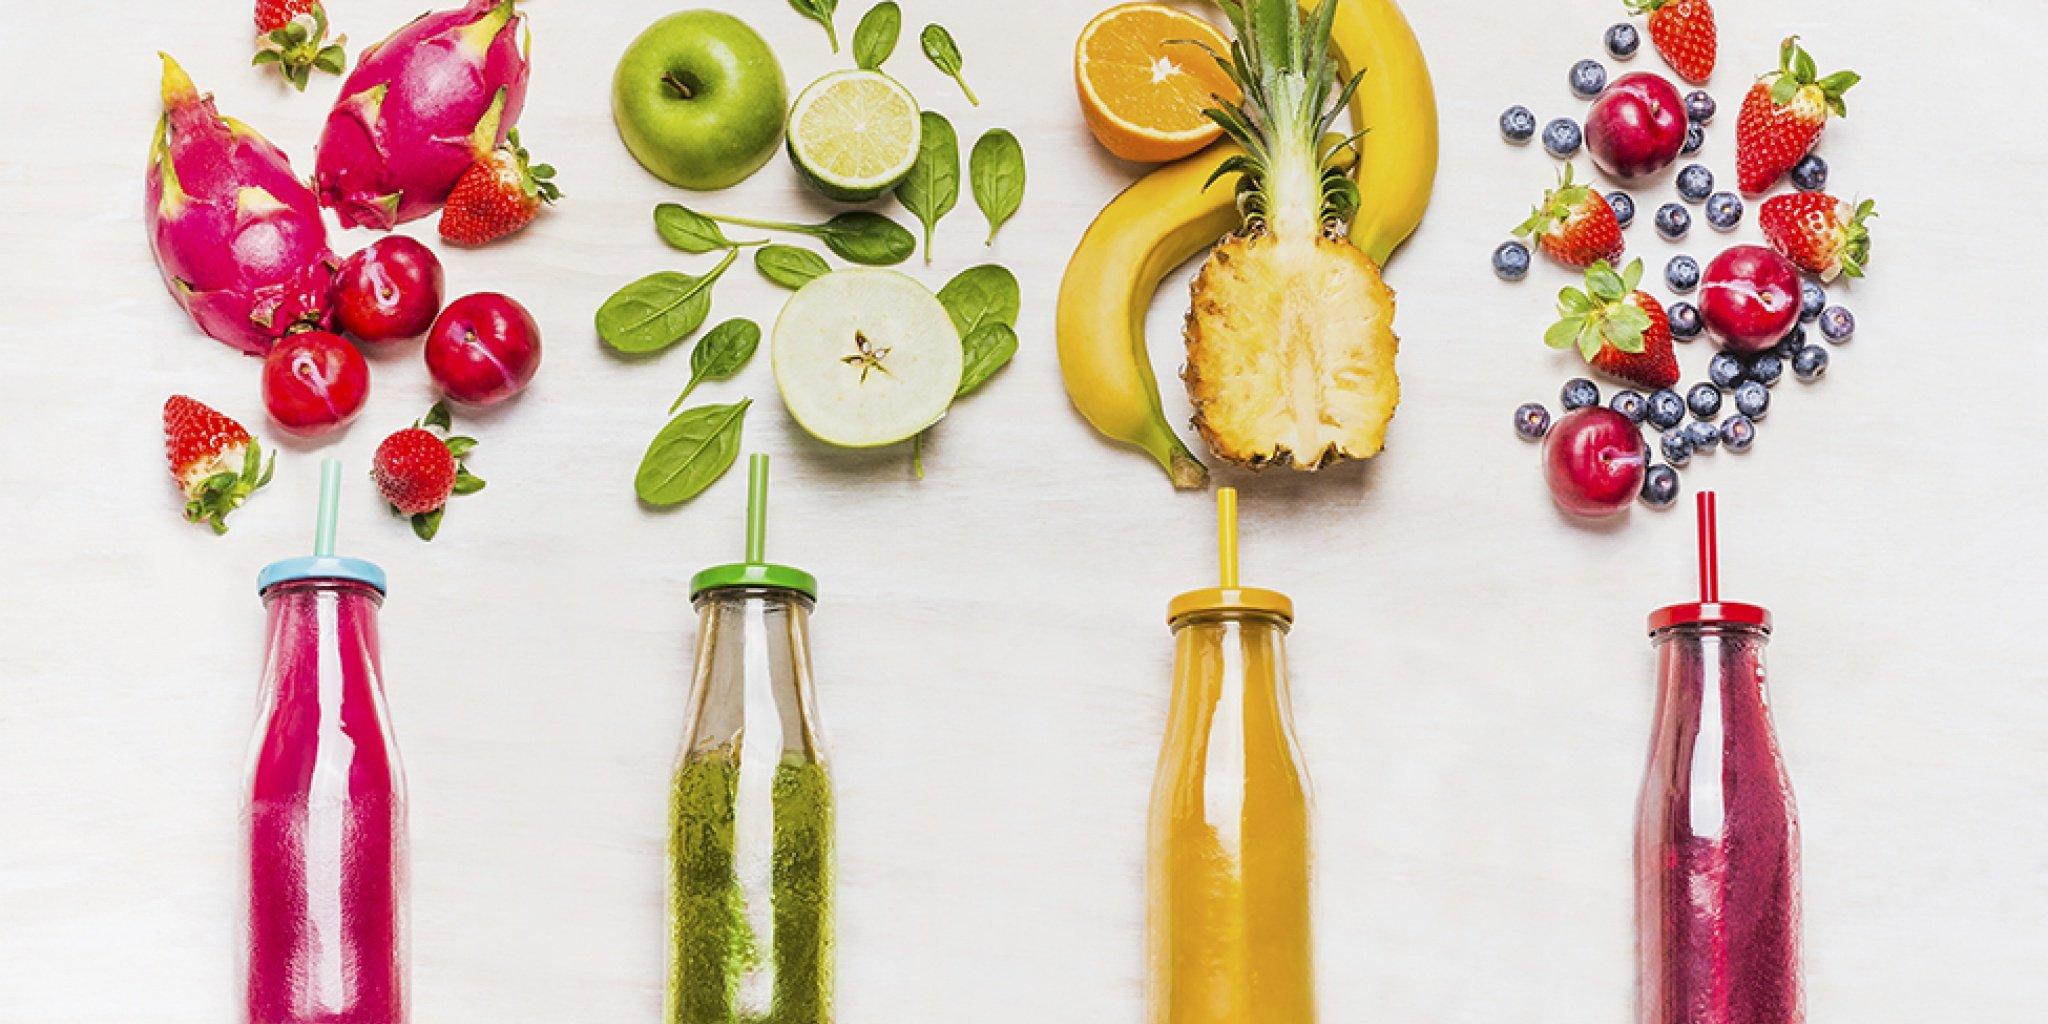 Detox từ trái cây là phương pháp hữu hiệu và an toàn cho chị em phụ nữ. Khi đang muốn có một vóc dáng và sức khỏe toàn diện.